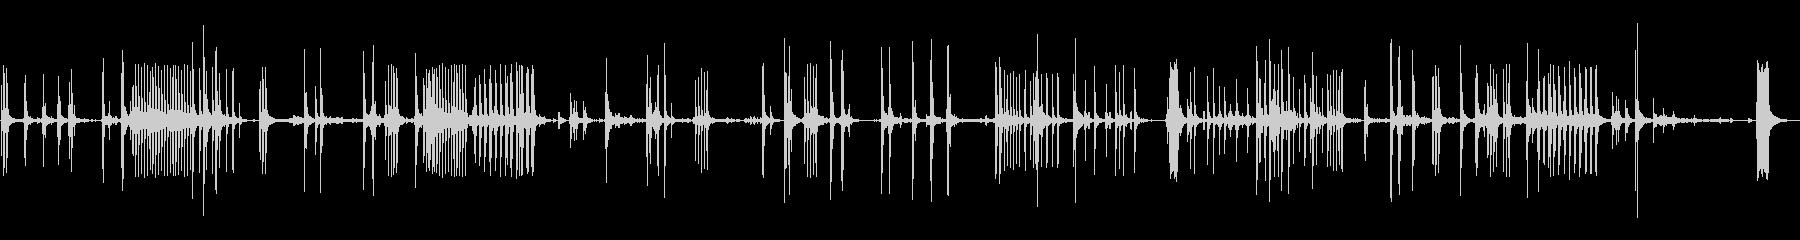 ピンボール、マシン、フリッパー、ス...の未再生の波形